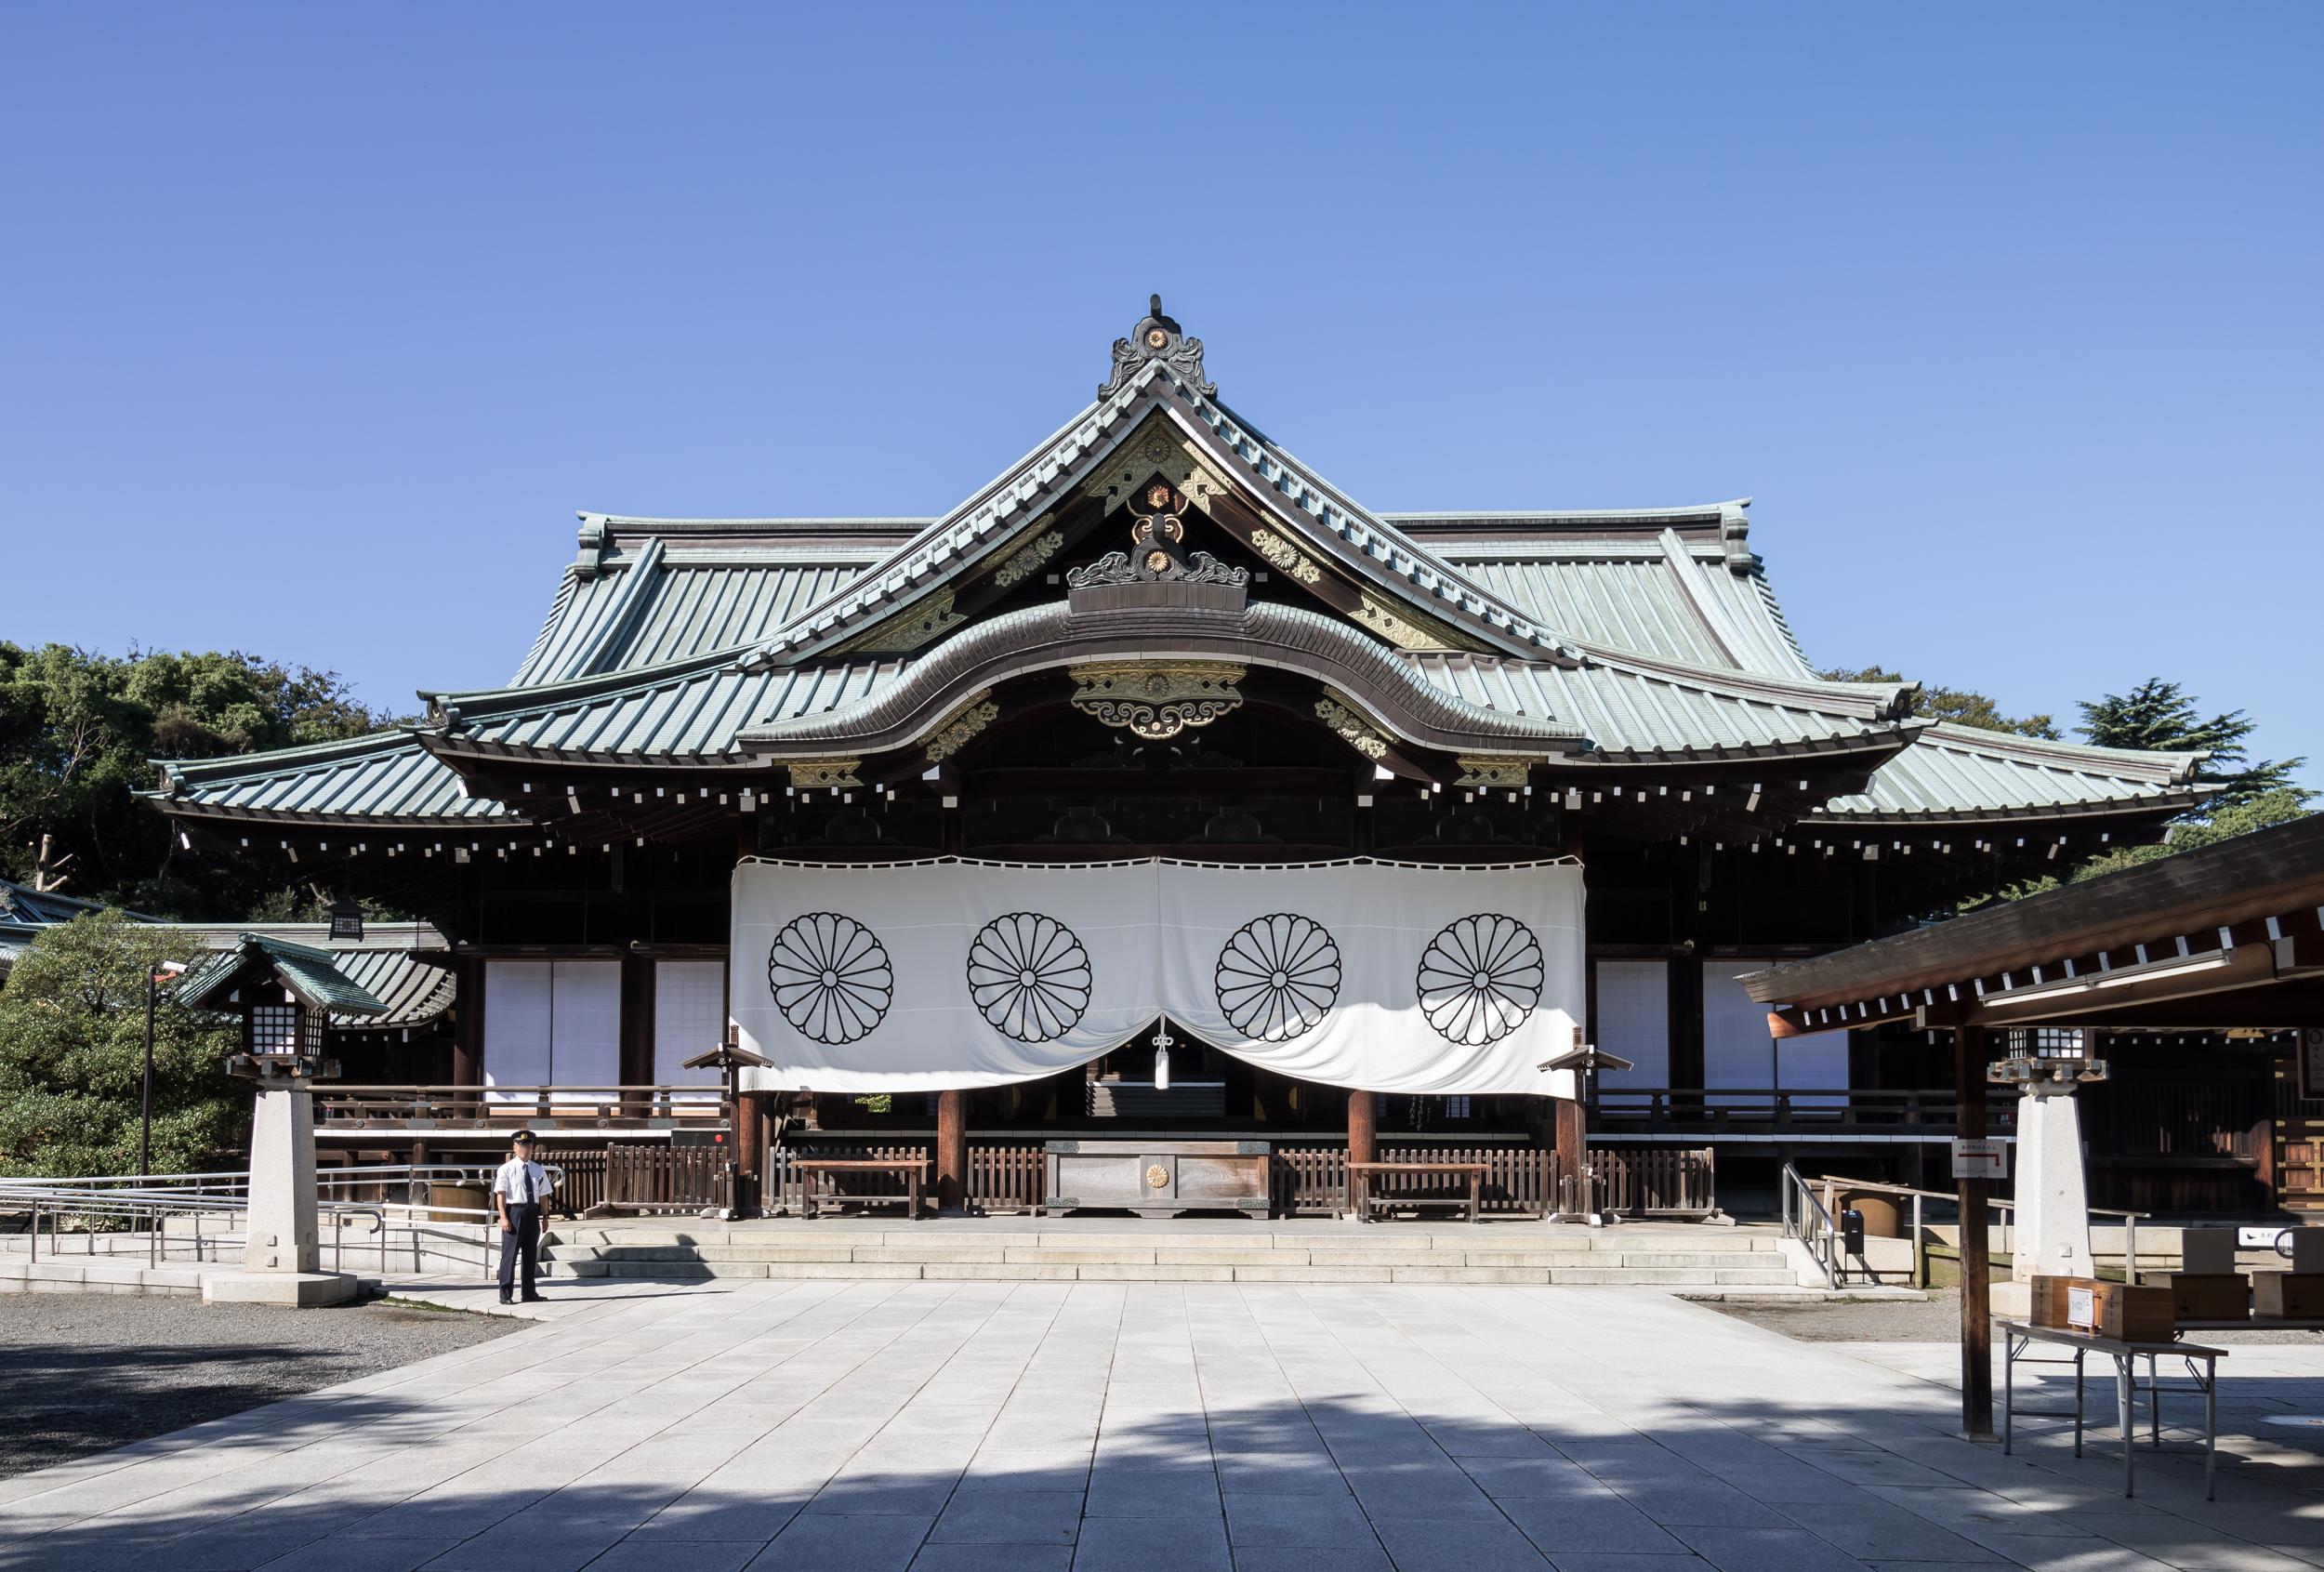 靖国神社 - Wikipedia